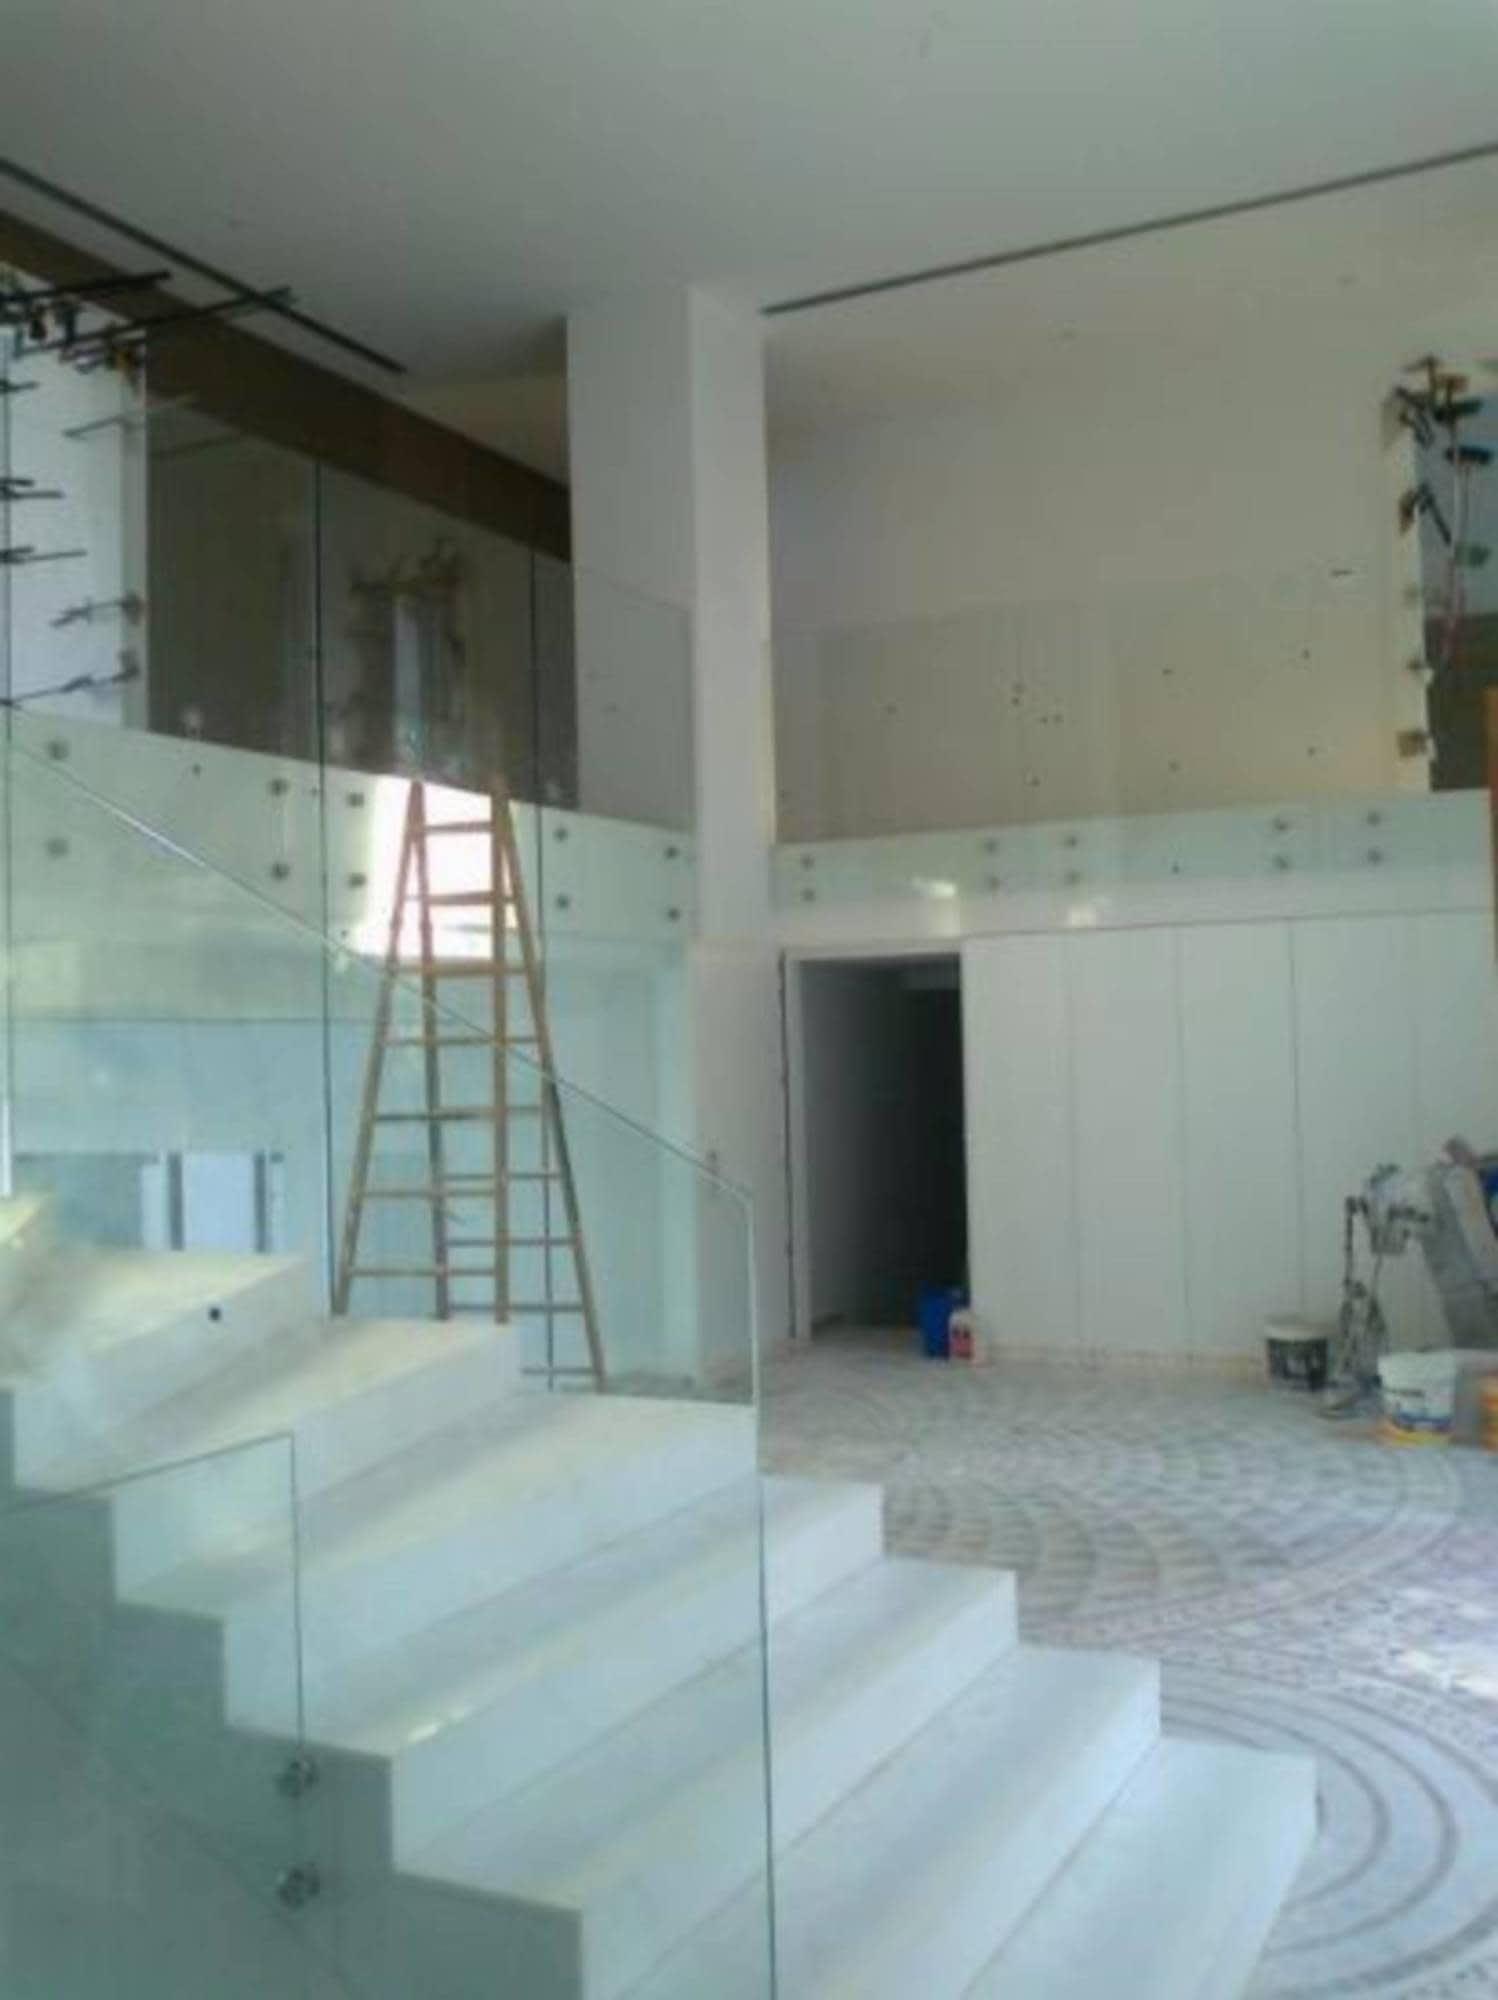 Barandillas Y Escaleras Acristalamientos En Valencia ~ Barandillas De Cristal Para Escaleras Interiores